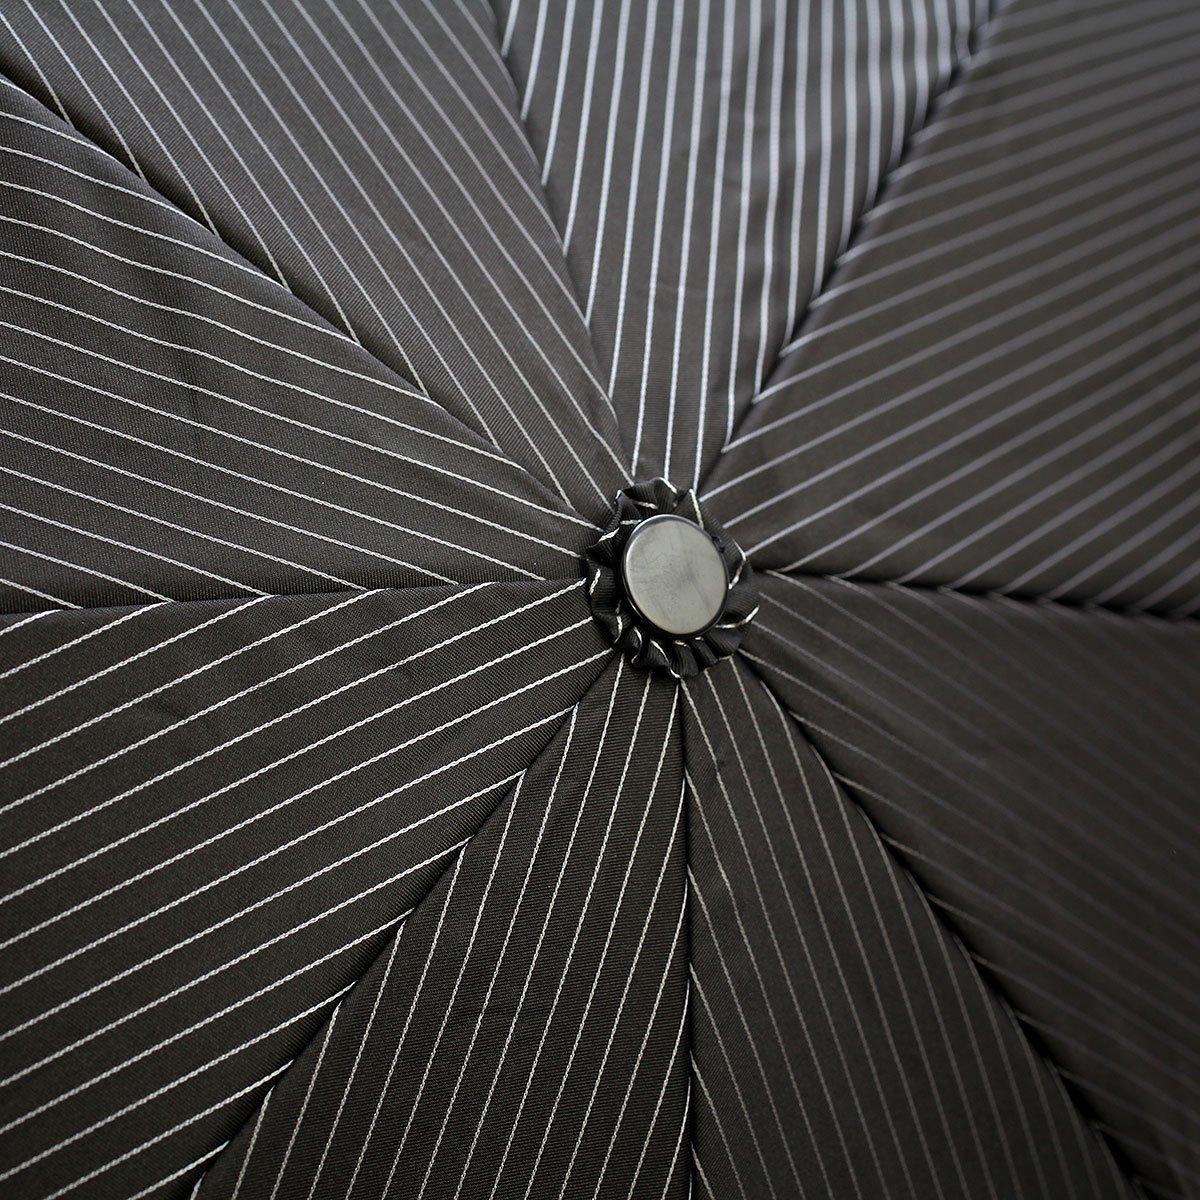 ブライトストライプ 耐風骨 折りたたみ傘 詳細画像7